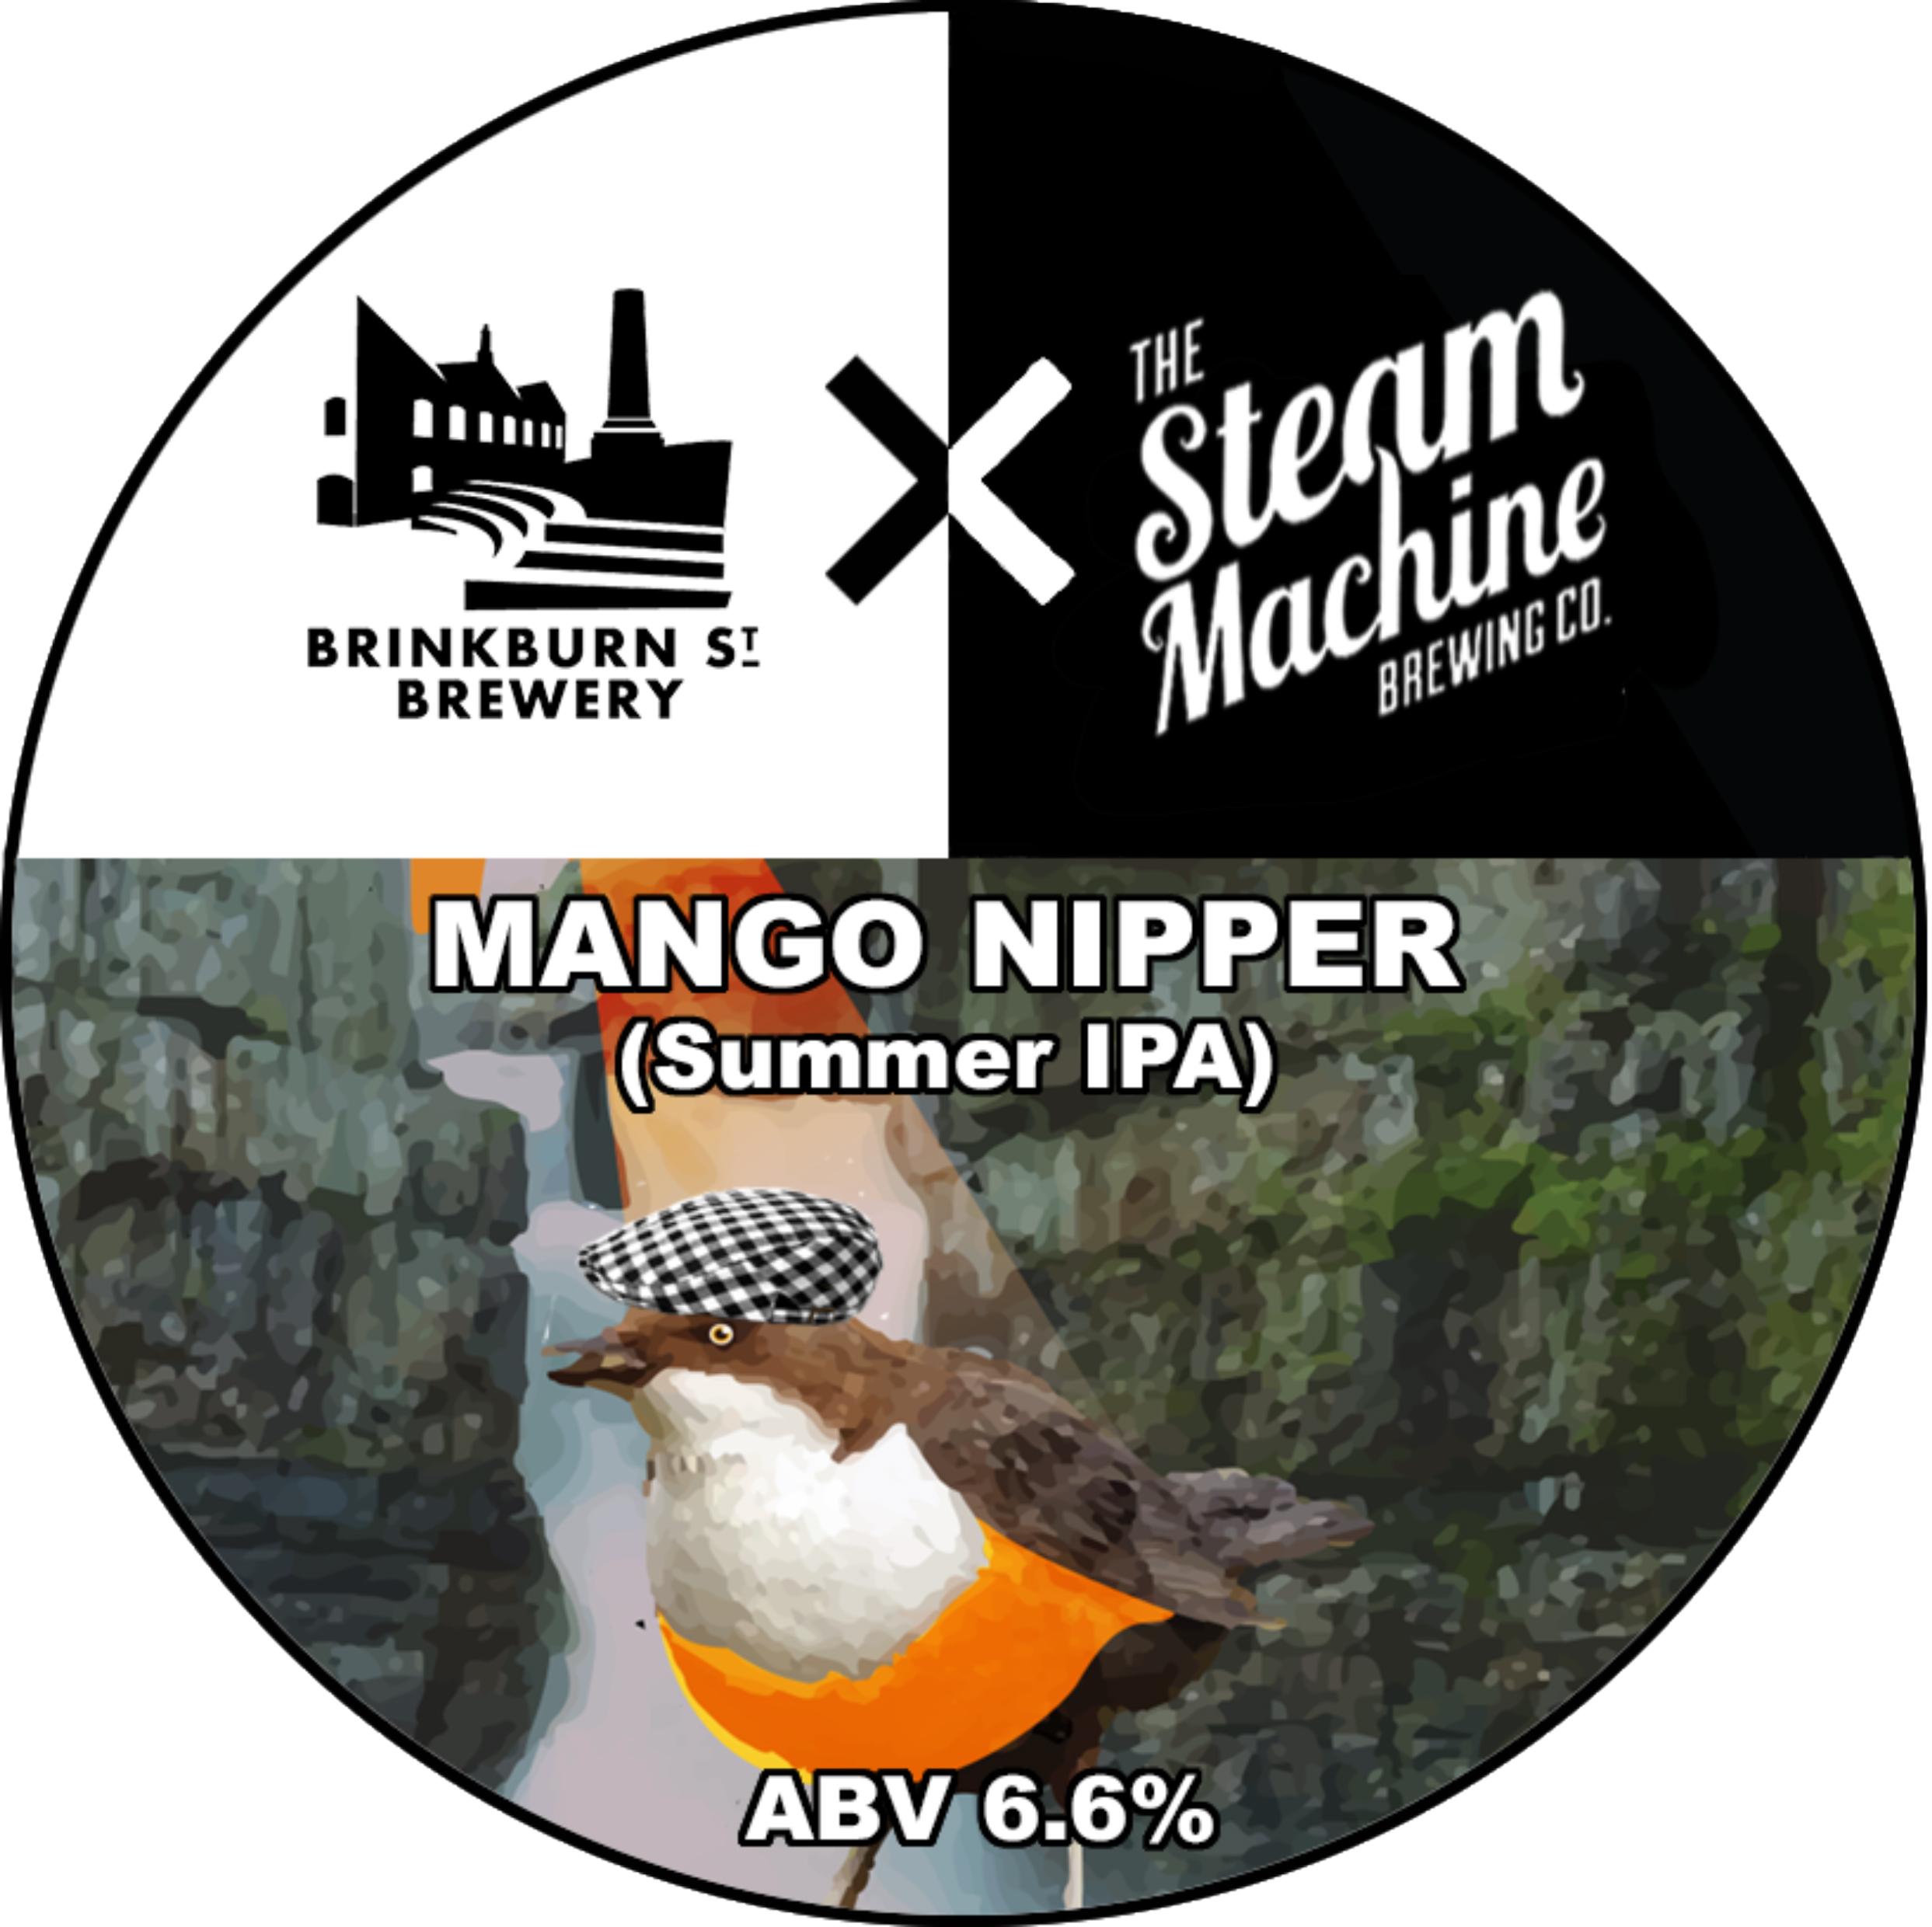 Mango Nipper